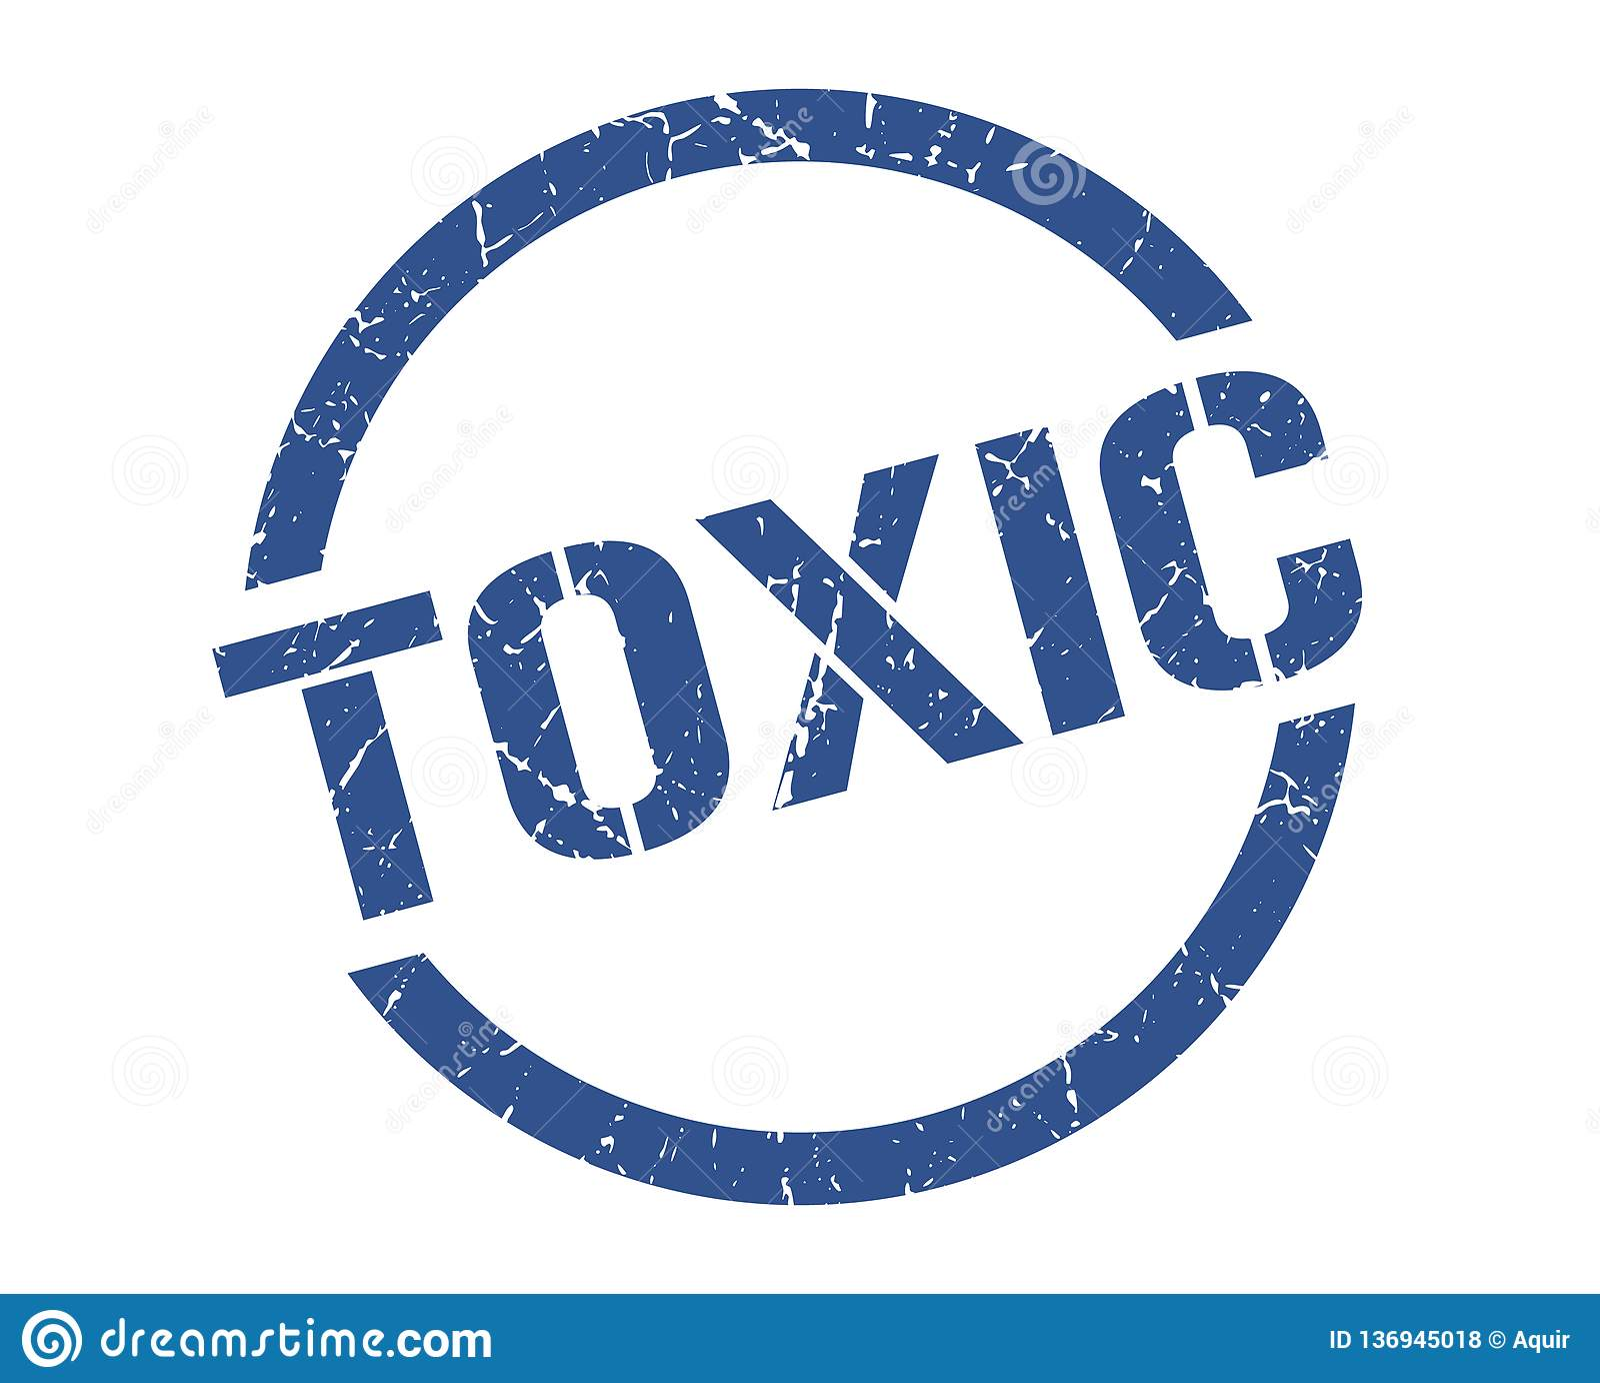 Substancja toksyczna znaczek